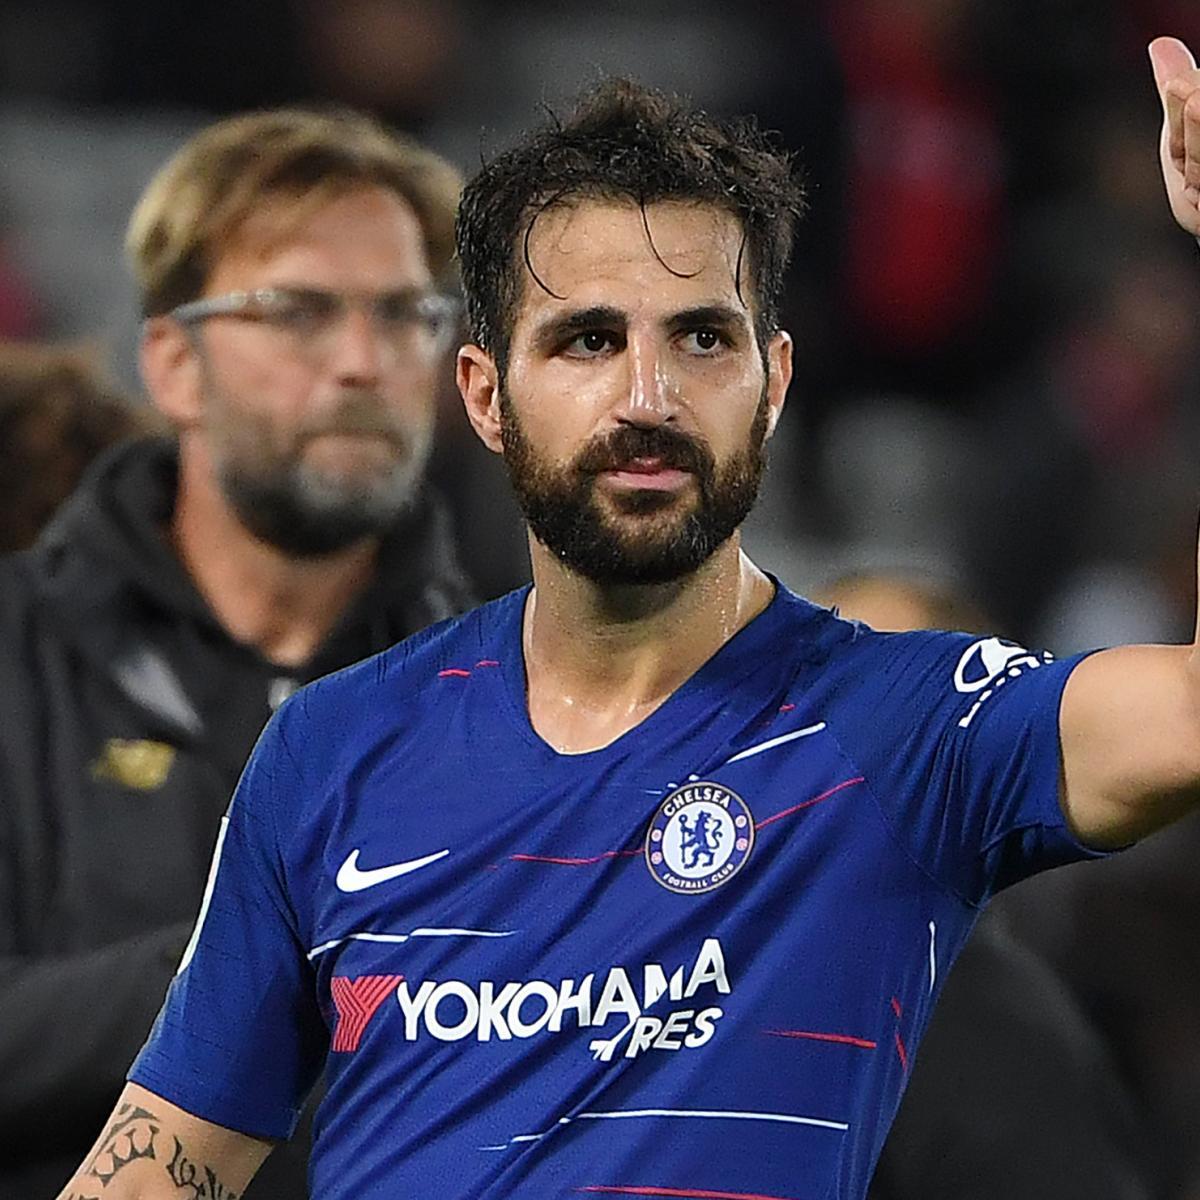 Chelsea Transfer News: Cesc Fabregas Discusses Latest Exit Rumours